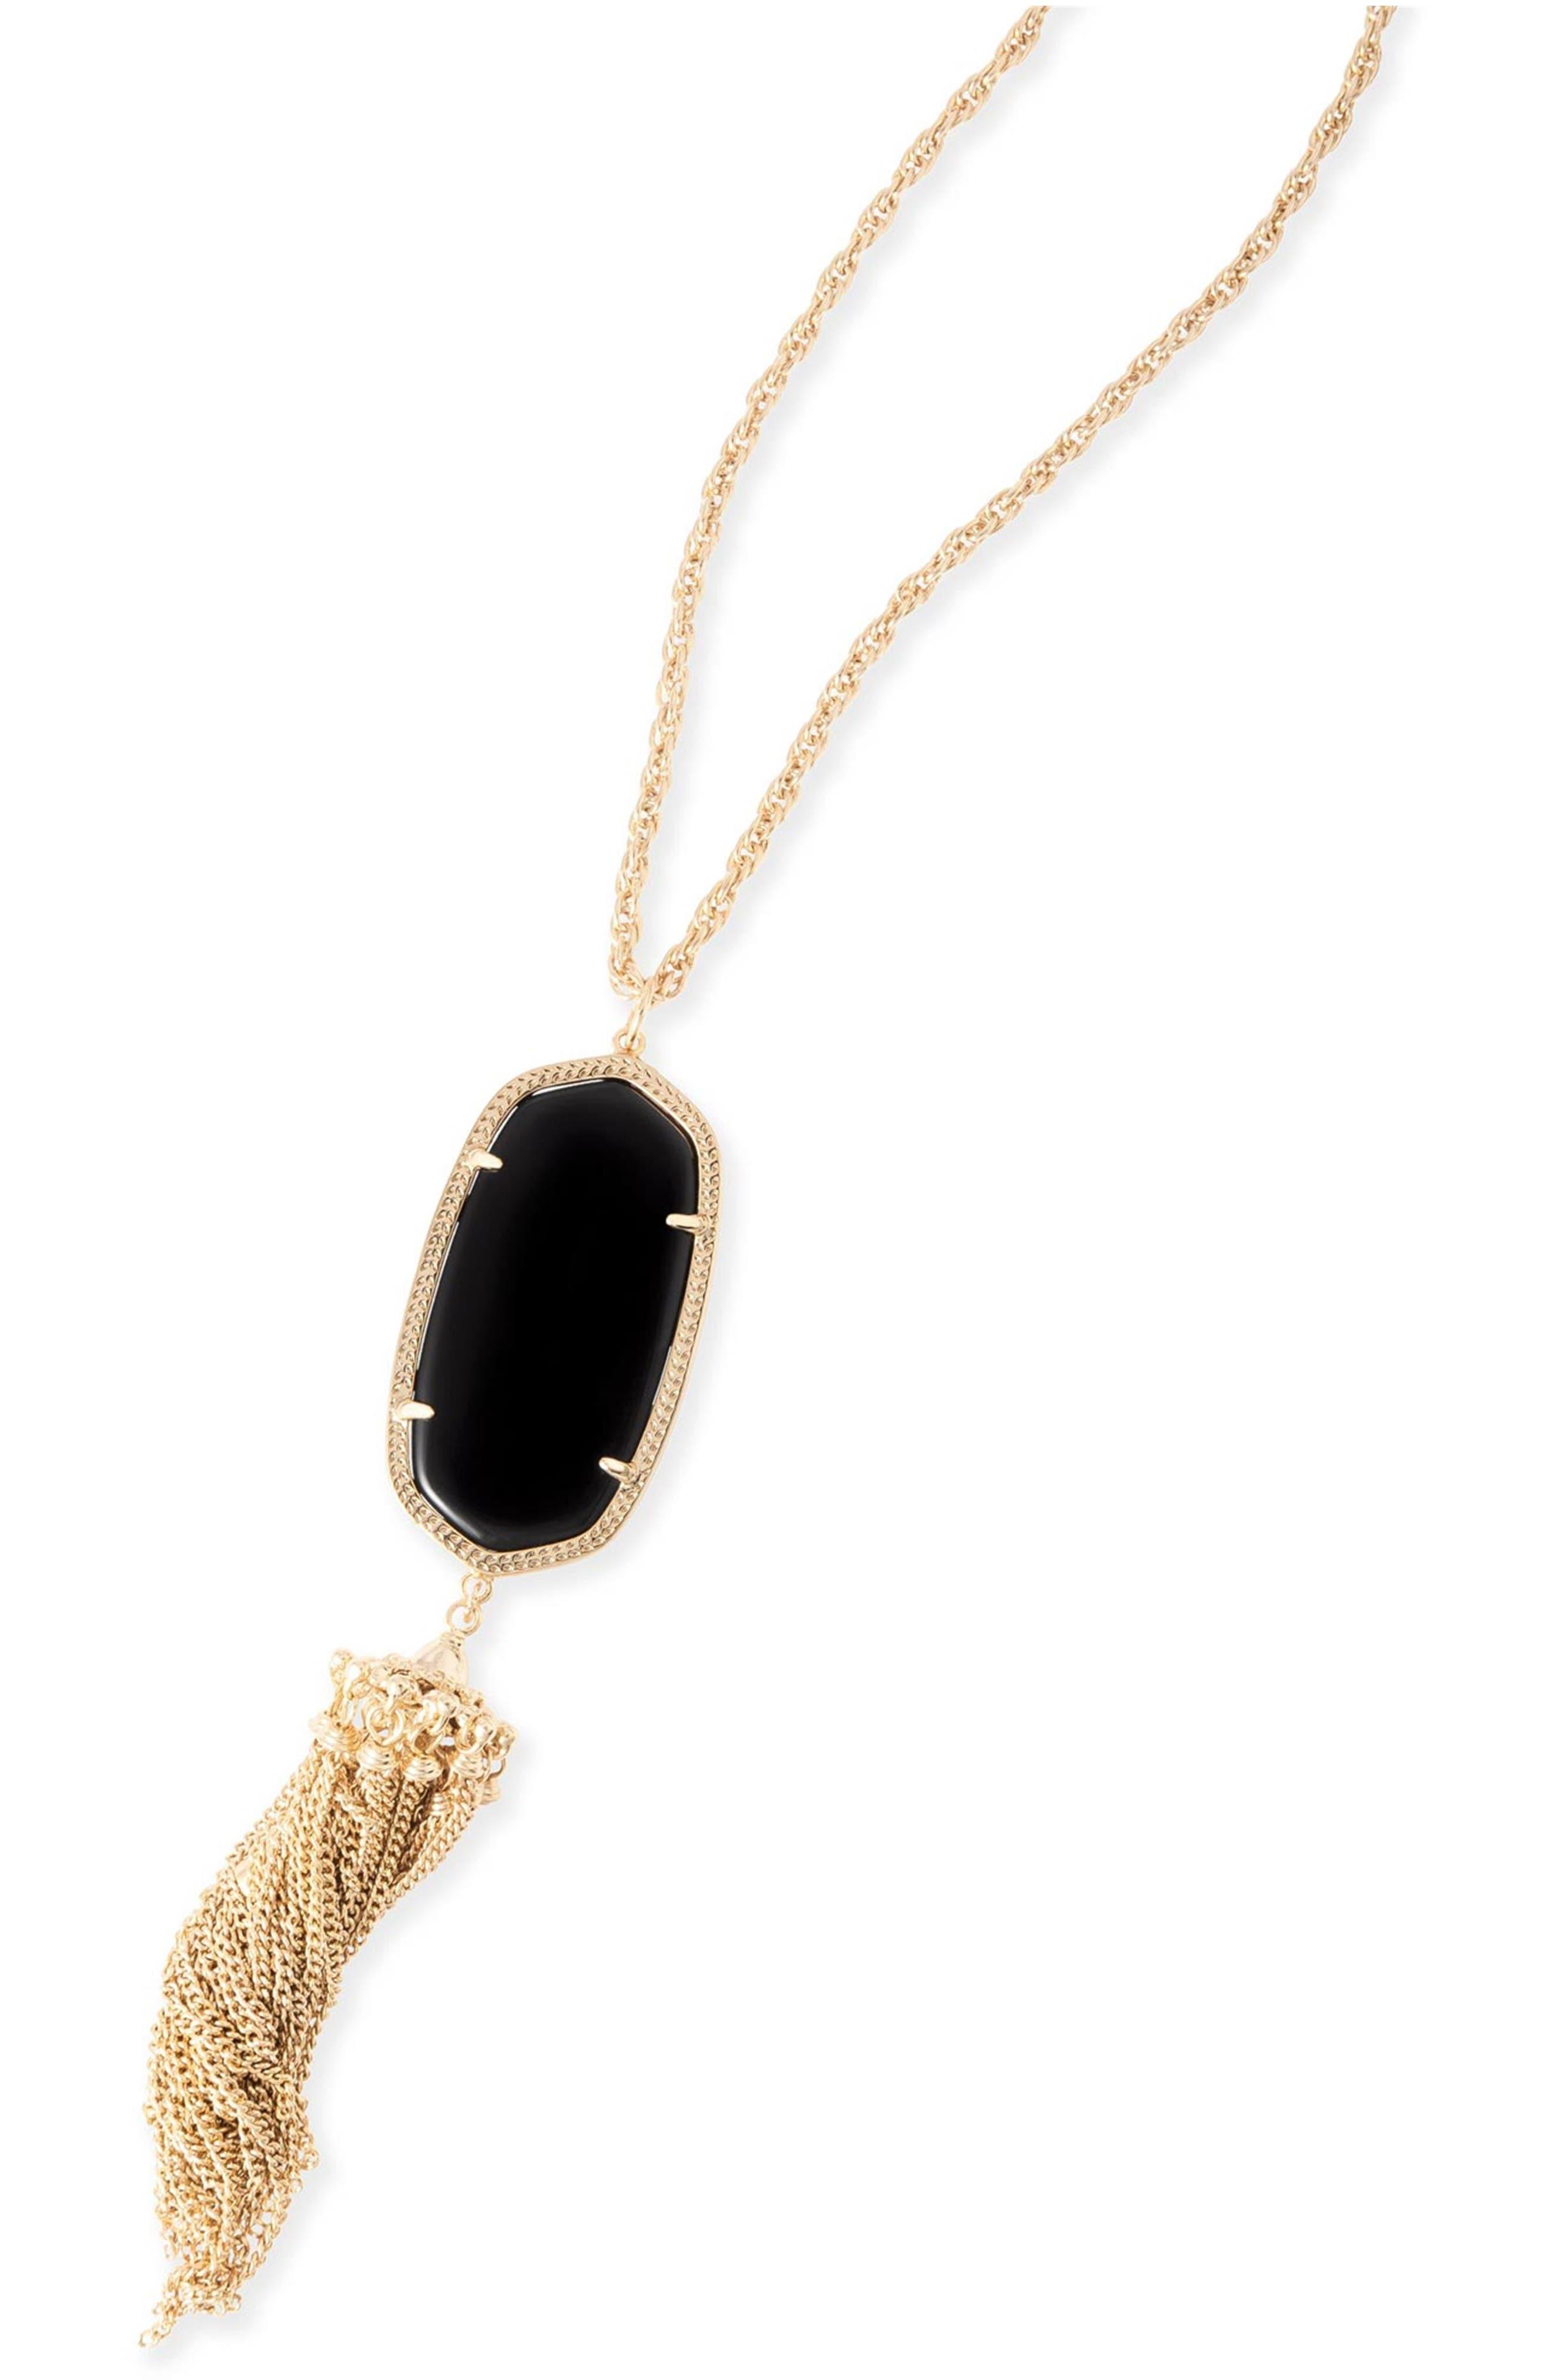 KENDRA SCOTT, Rayne Stone Tassel Pendant Necklace, Alternate thumbnail 4, color, 001